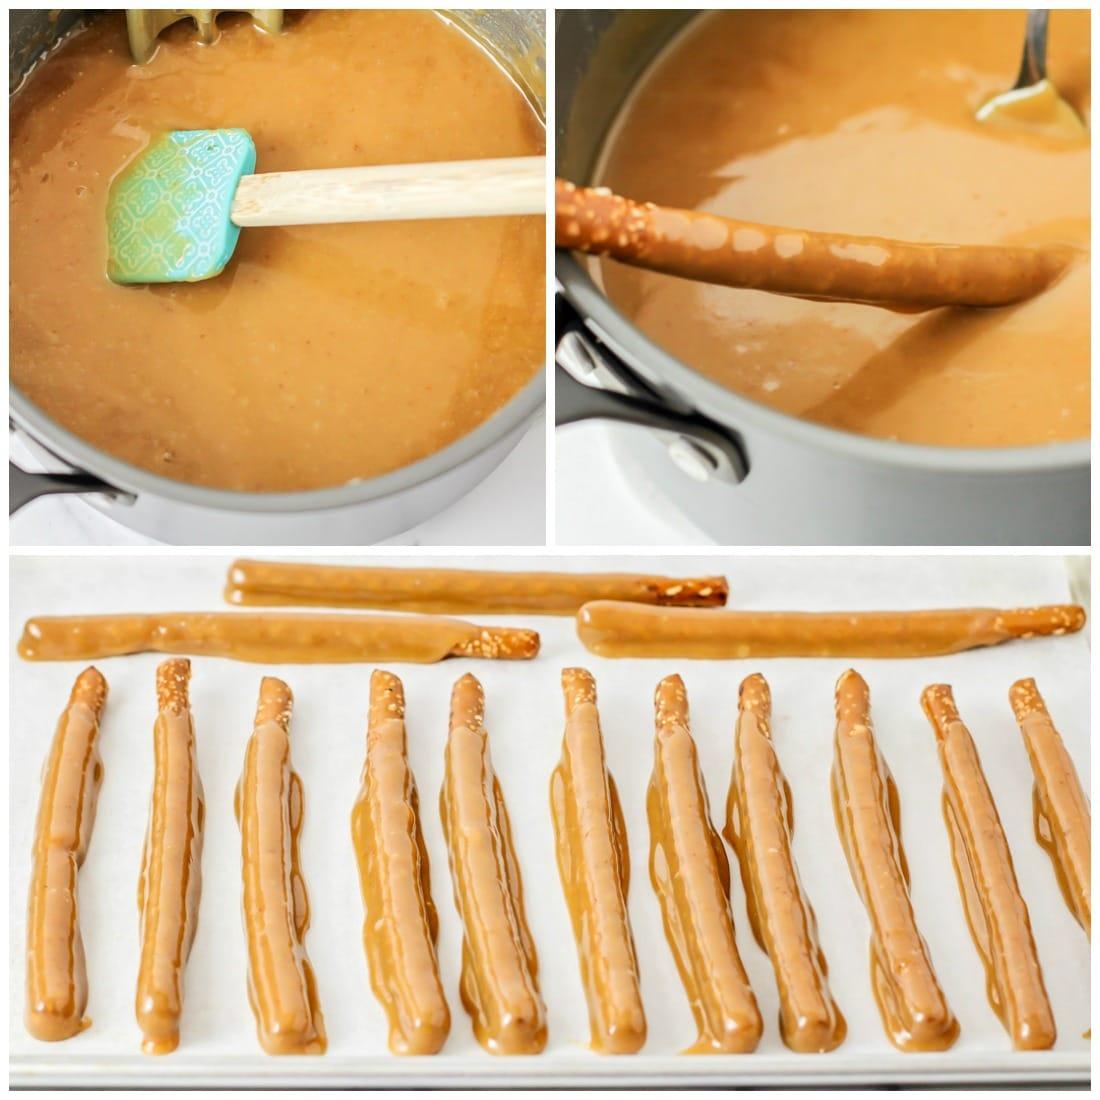 Homemade caramel recipe for pretzel rods